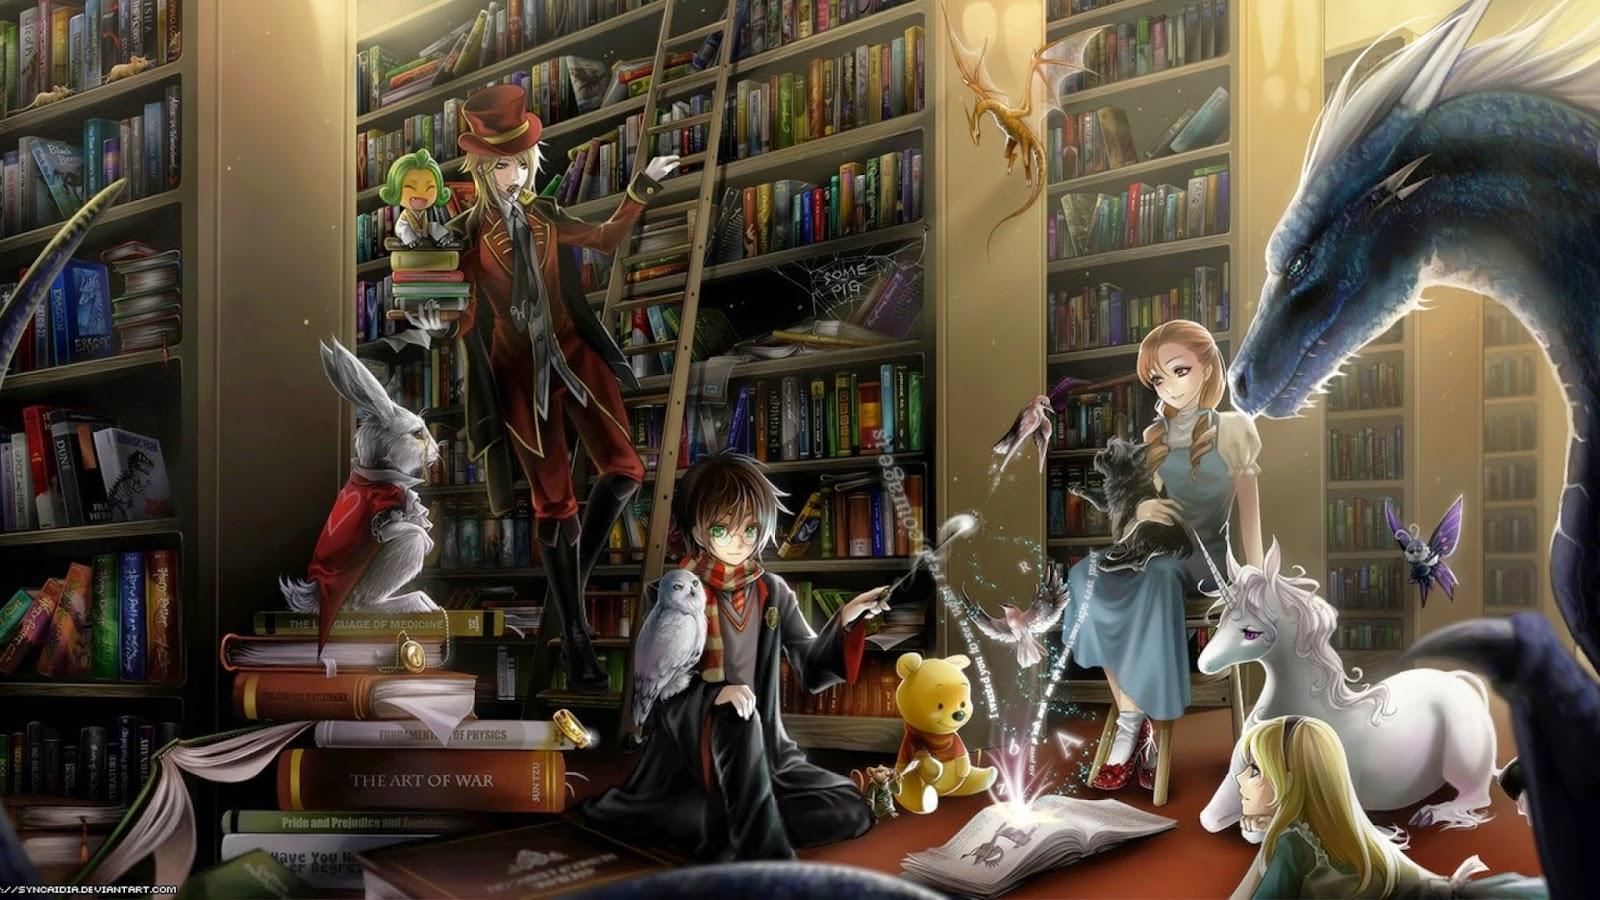 Il Rifugio degli Elfi: Per Autori ed Editori Fantasy Library Wallpaper